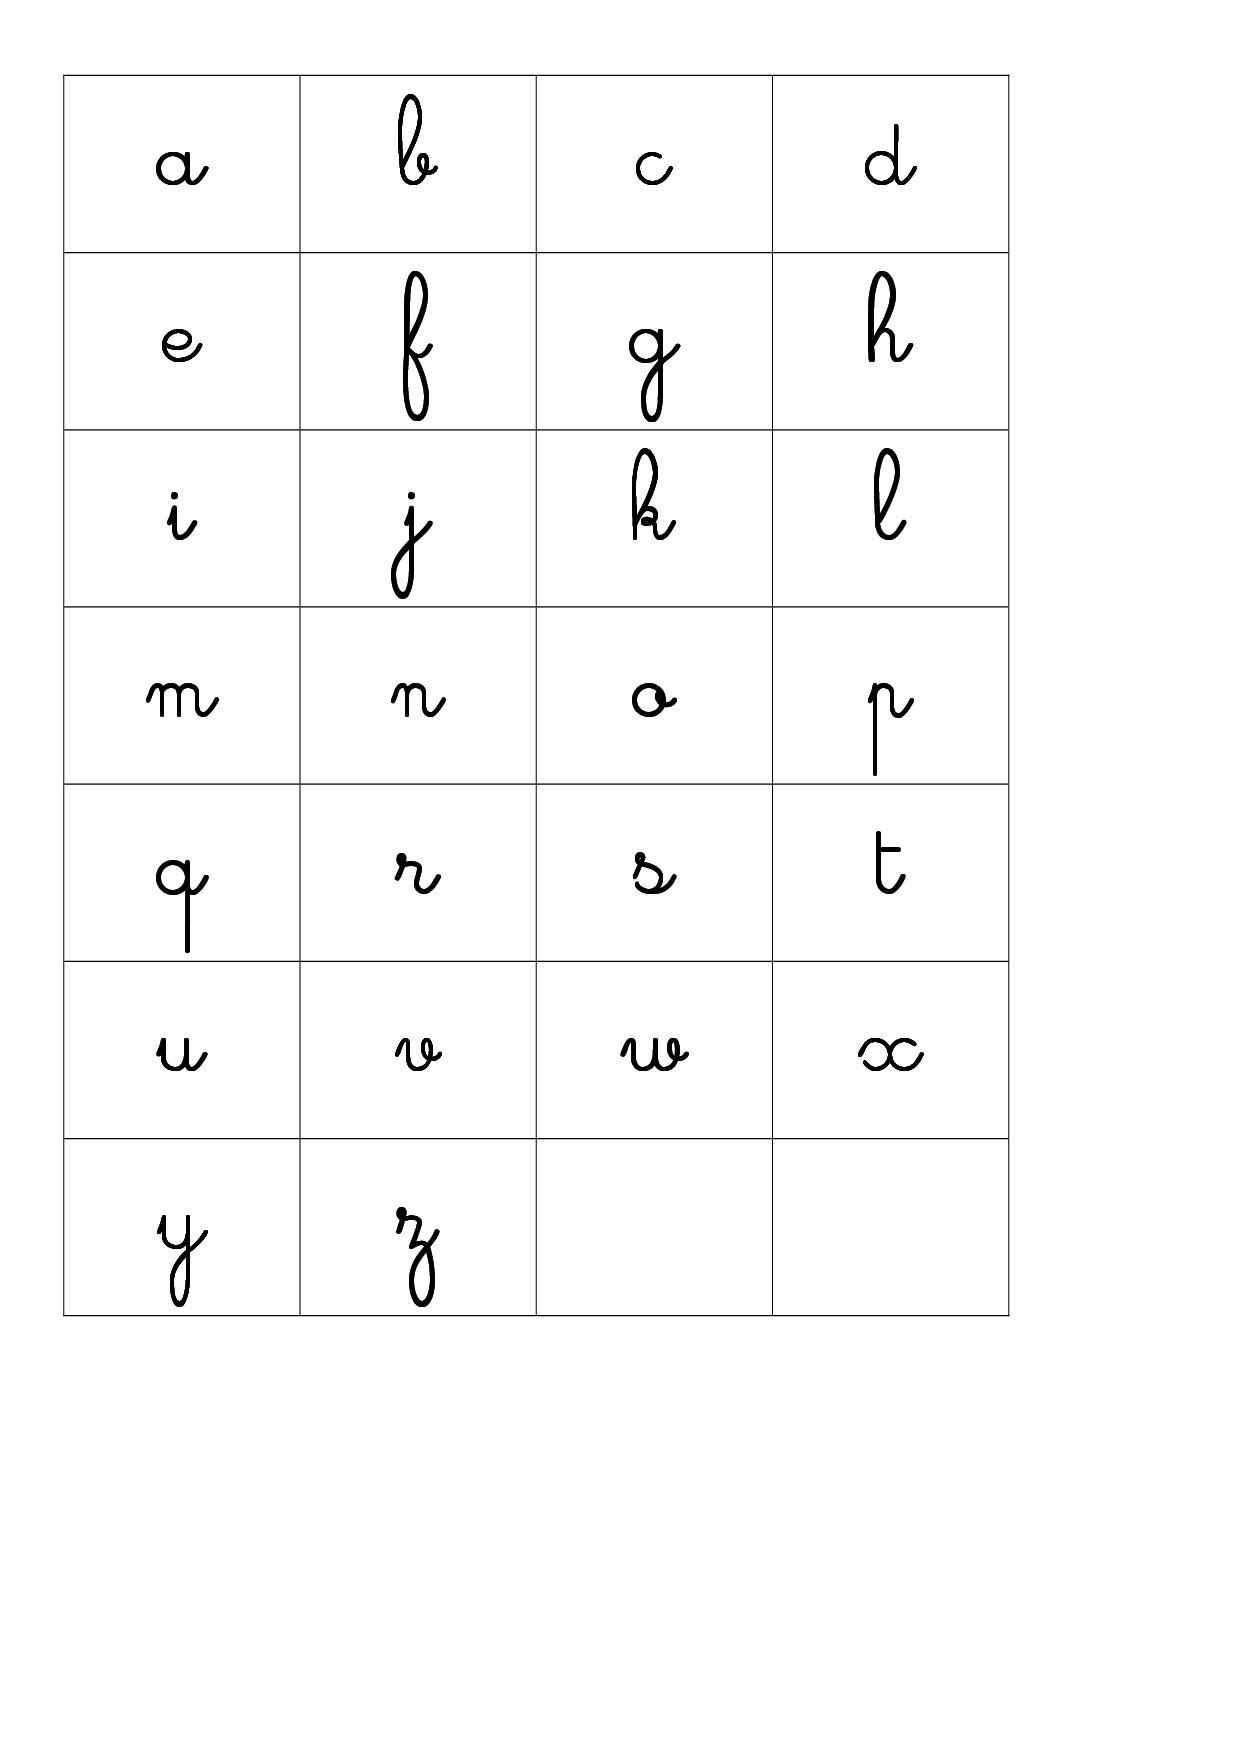 Apprendre Les Lettres De L'alphabet Avec Leap Frog - La concernant J Apprend L Alphabet Maternelle